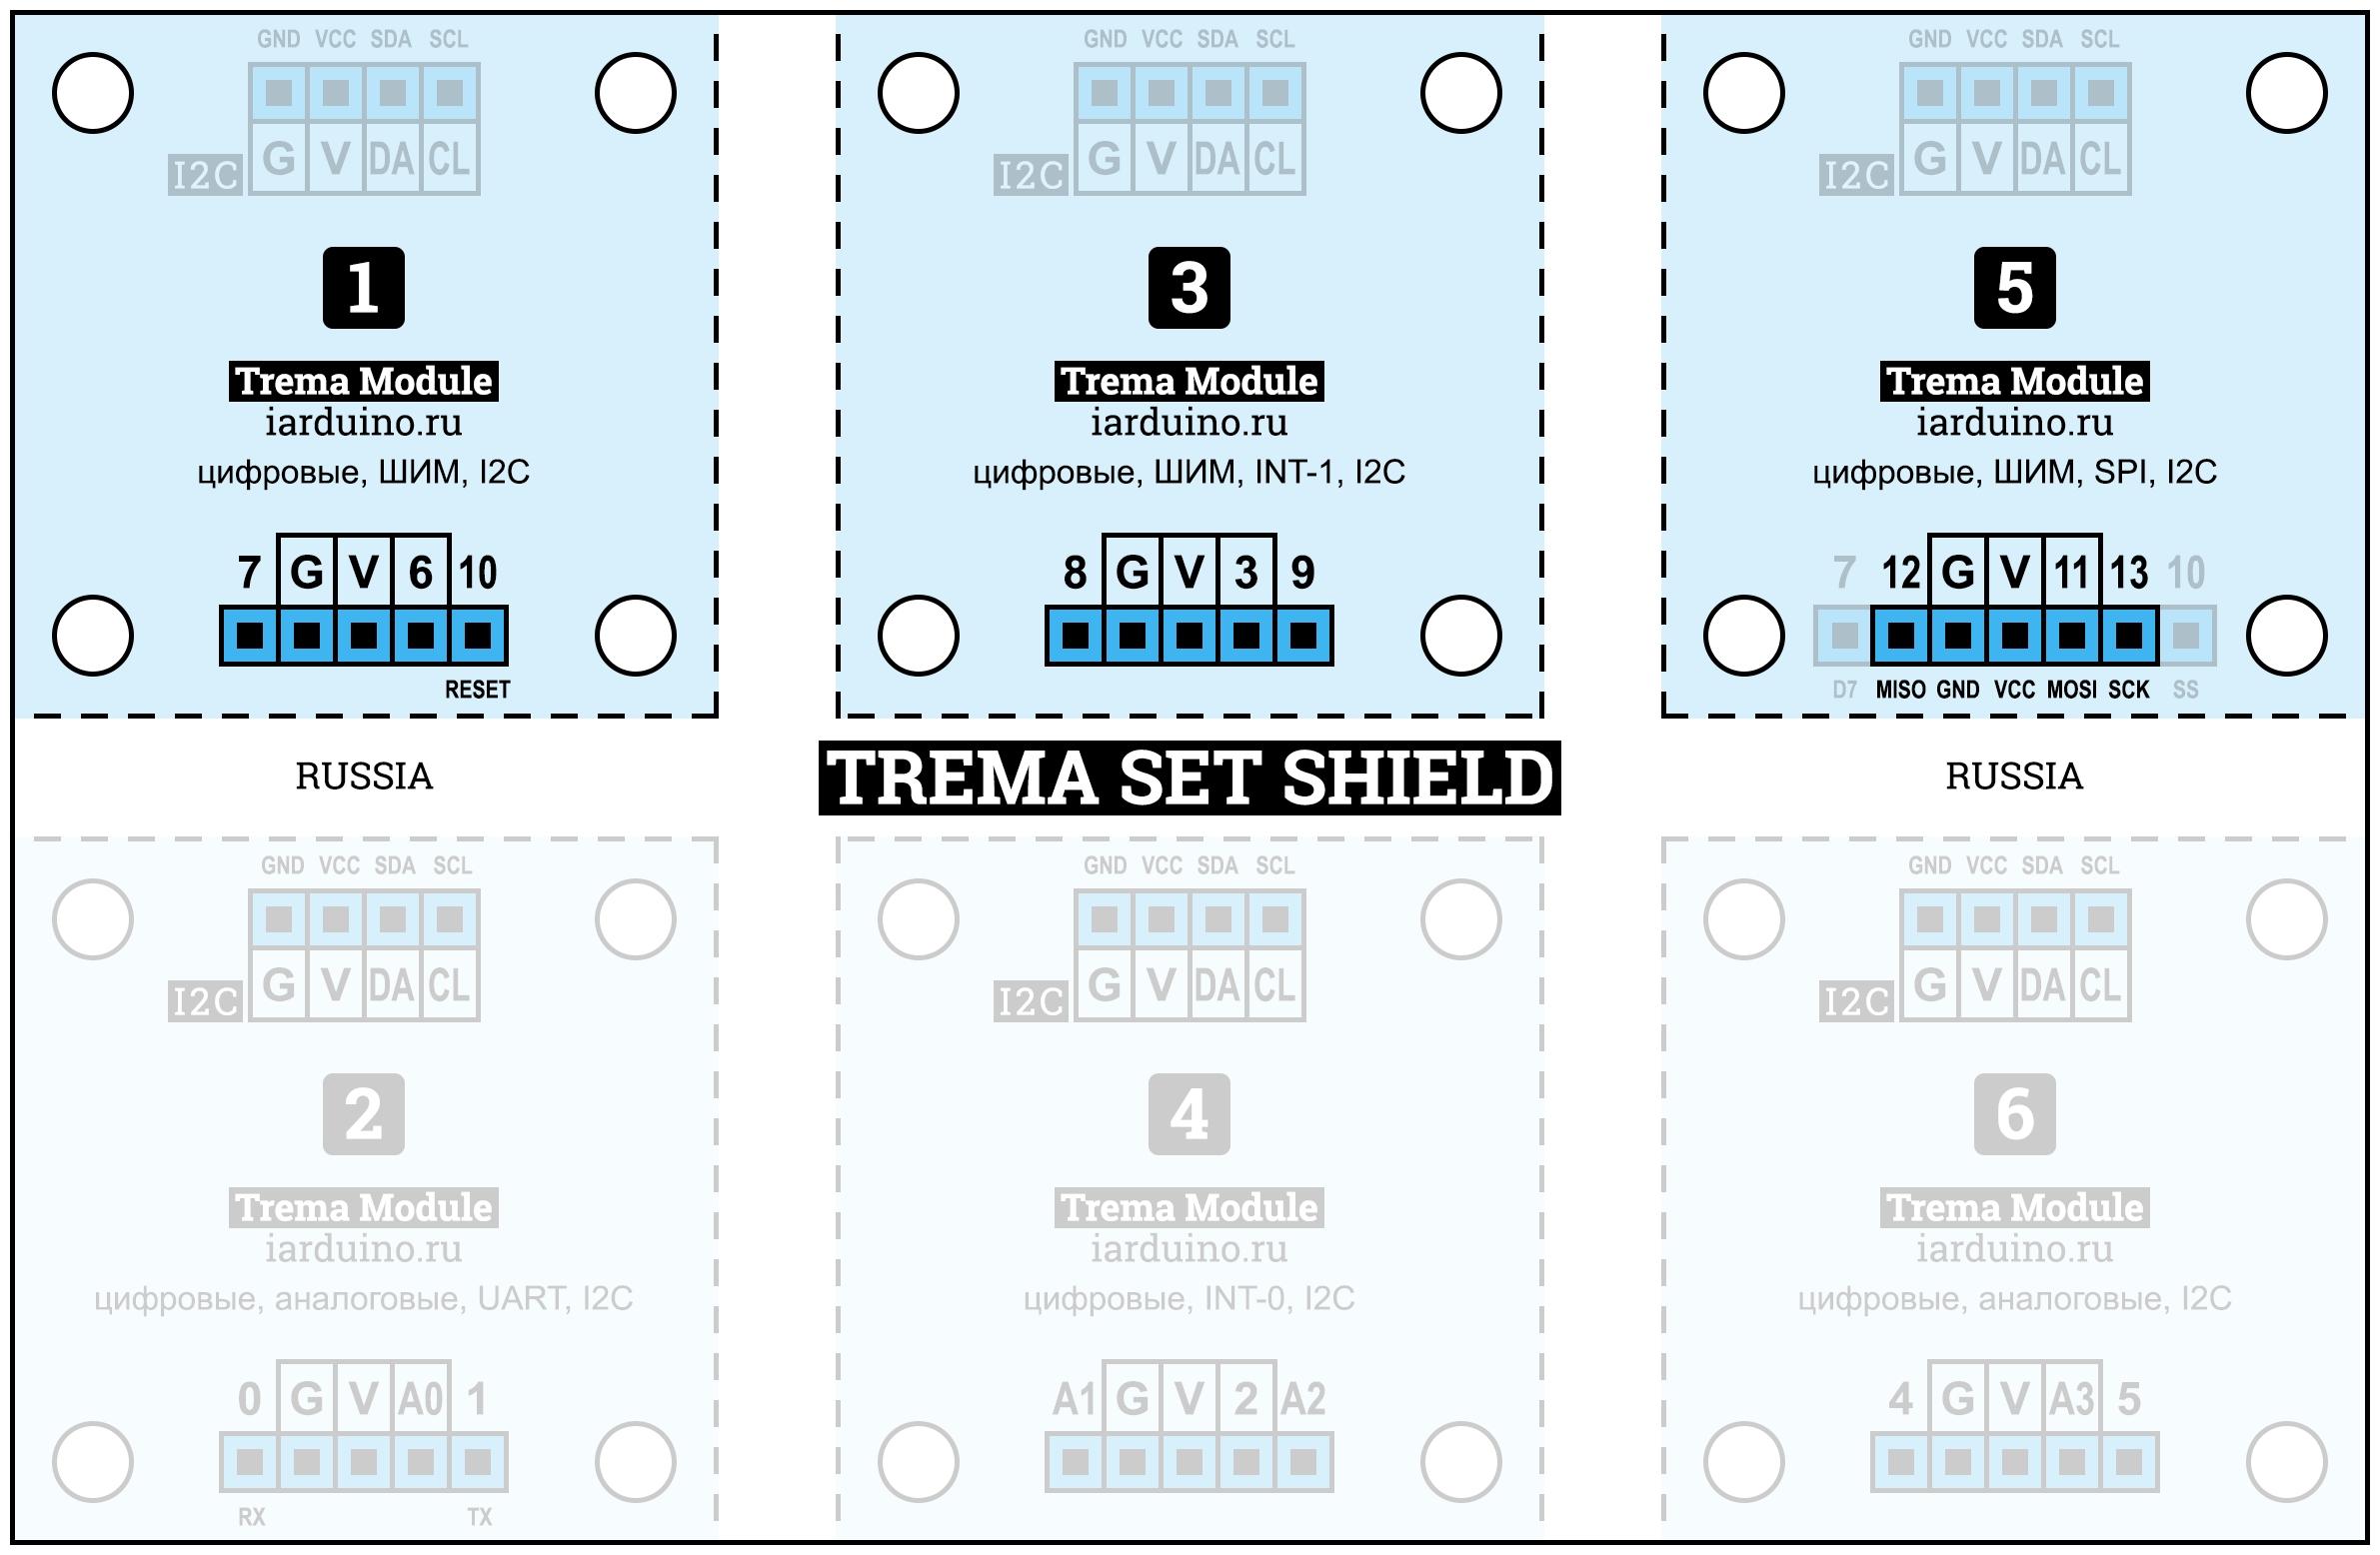 Схема подключения модулей с 5 выводами использующими ШИМ к Trema Set Shield